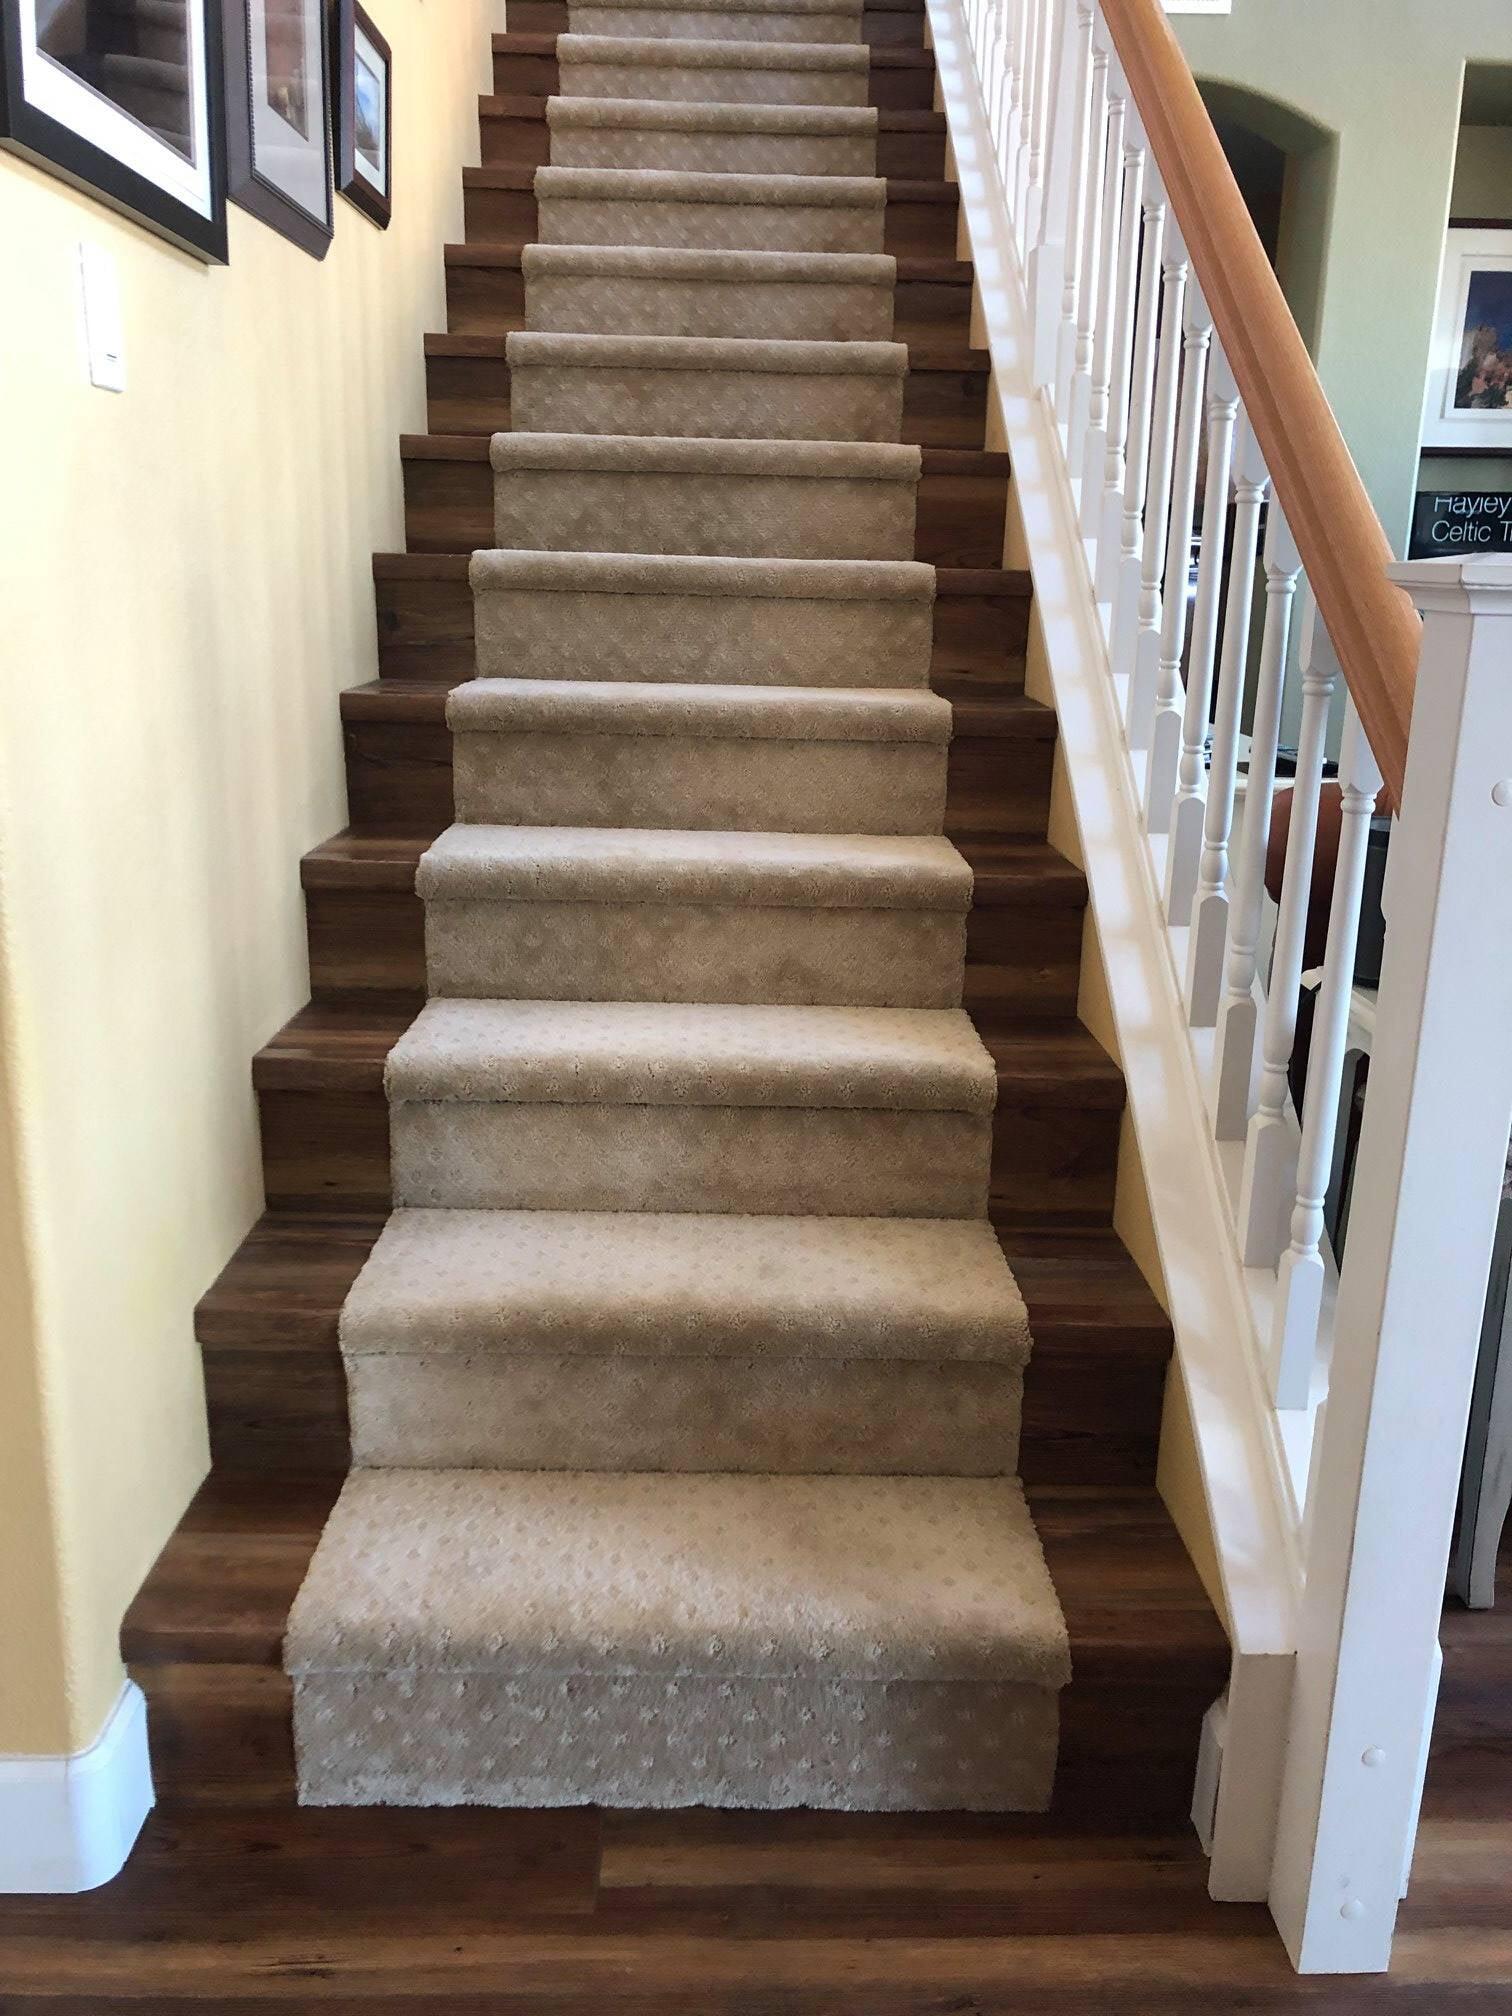 Carpet stair runner from Carpet King Interiors in Fernley, NV